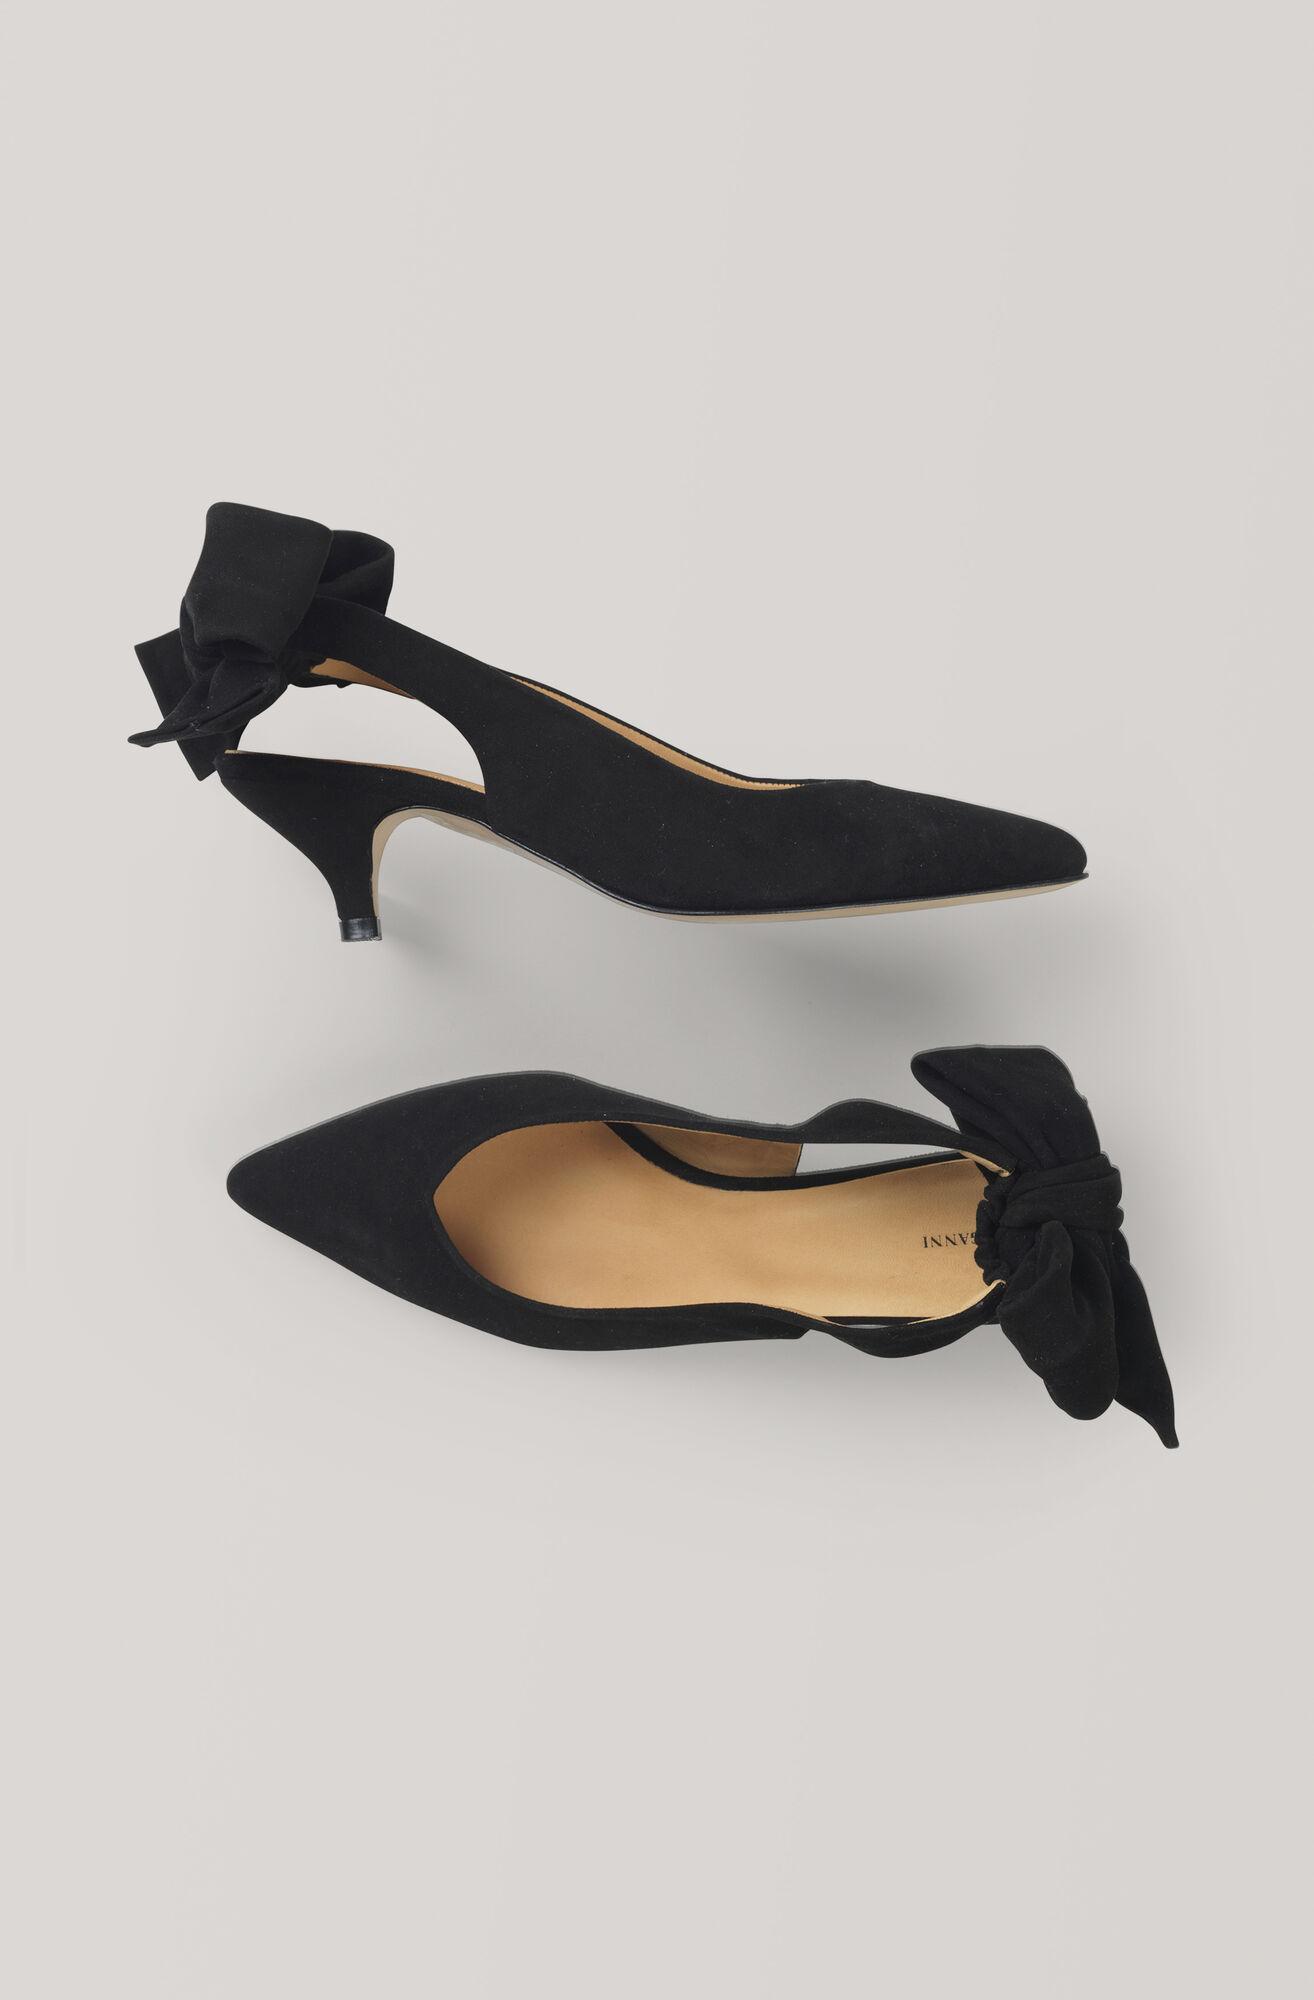 d5fe680055b8 GANNI Bow Kitten Heel Pumps ( 210.00 GBP )